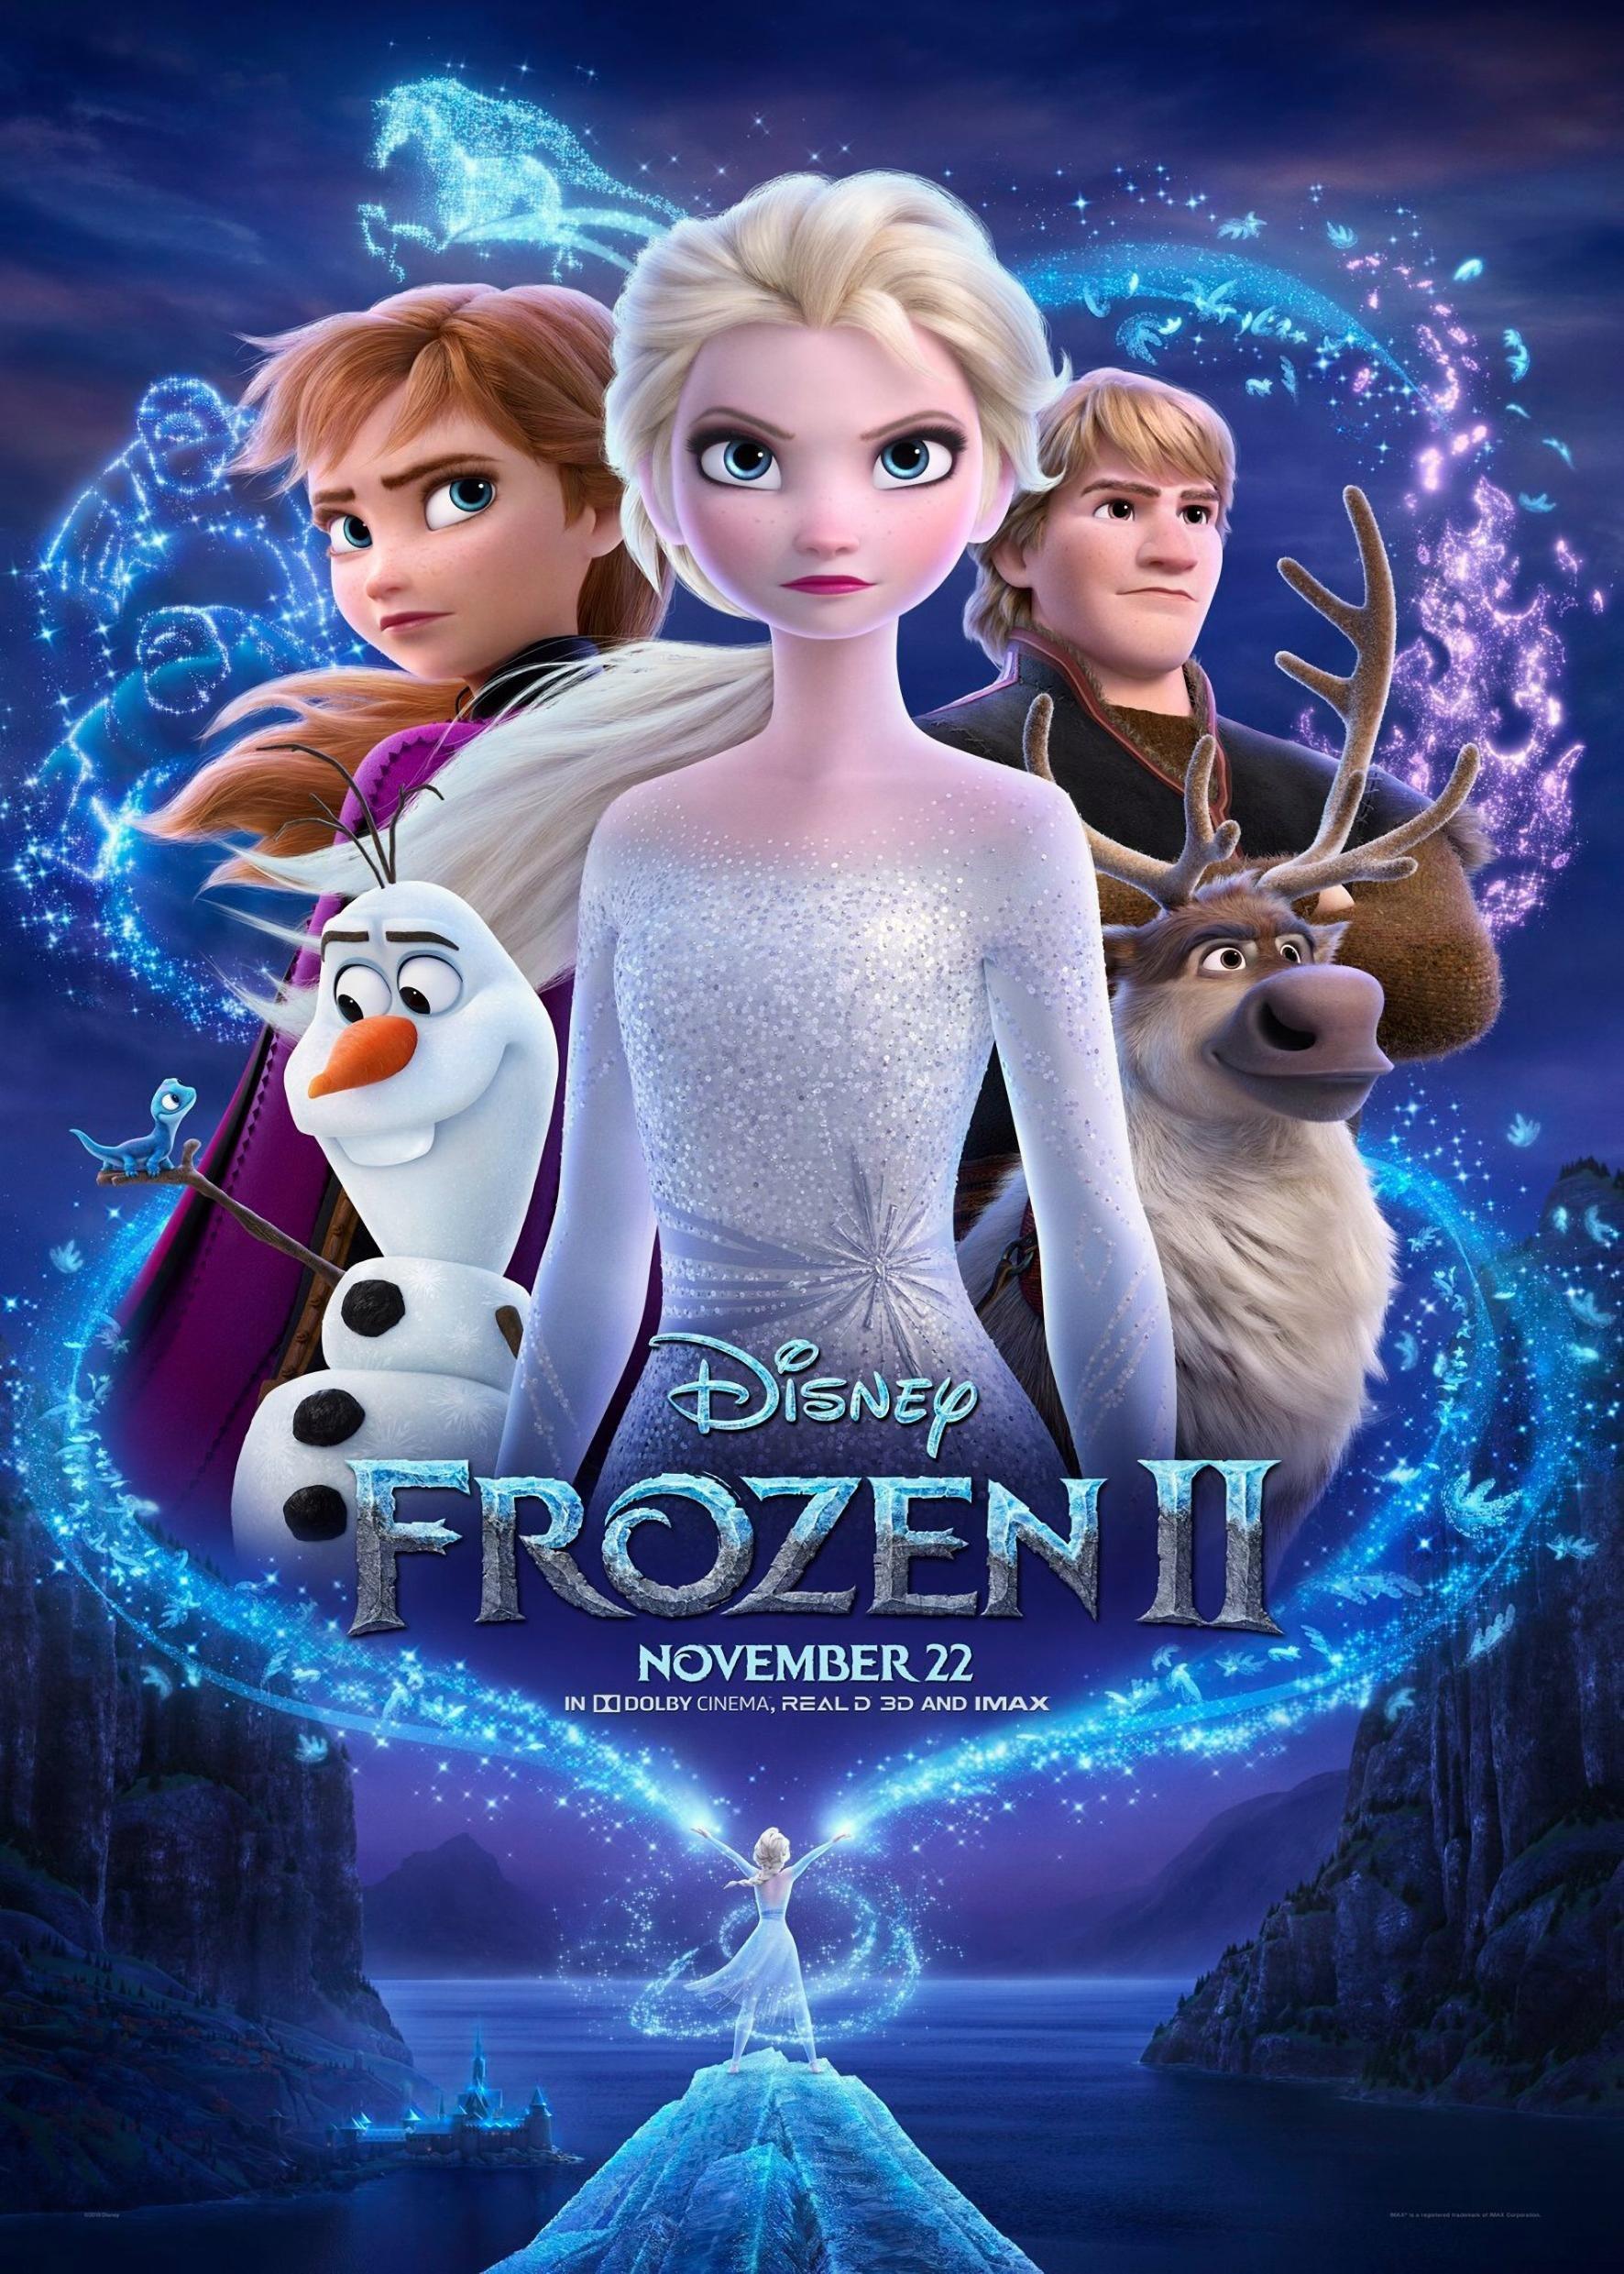 (電影海報) 冰雪奇緣2 2019 迪士尼 艾莎 安娜 阿克 雪寶 小斯 好萊塢 動畫 卡通 兒童 伊登娜 安格納